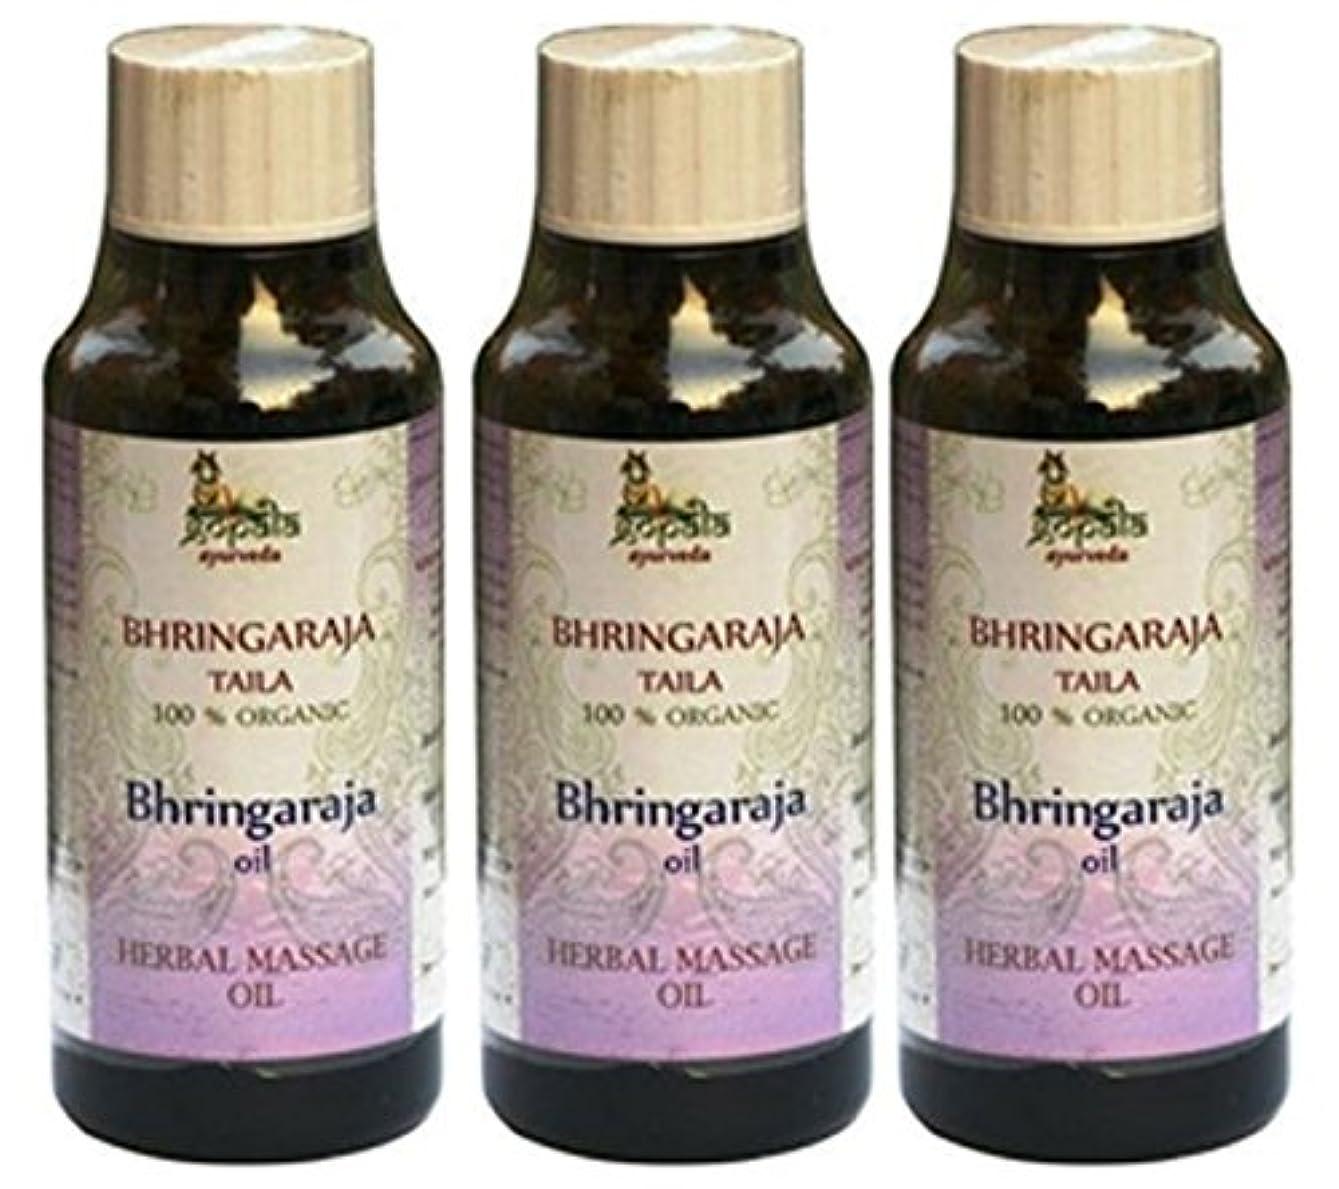 カテゴリー通路ヒロイックBhringraja Oil - 100% USDA CERTIFIED ORGANIC - Ayurvedic Hair Massage Oil - 150ml (Pack of 3) - EXPEDITED DELIVERY